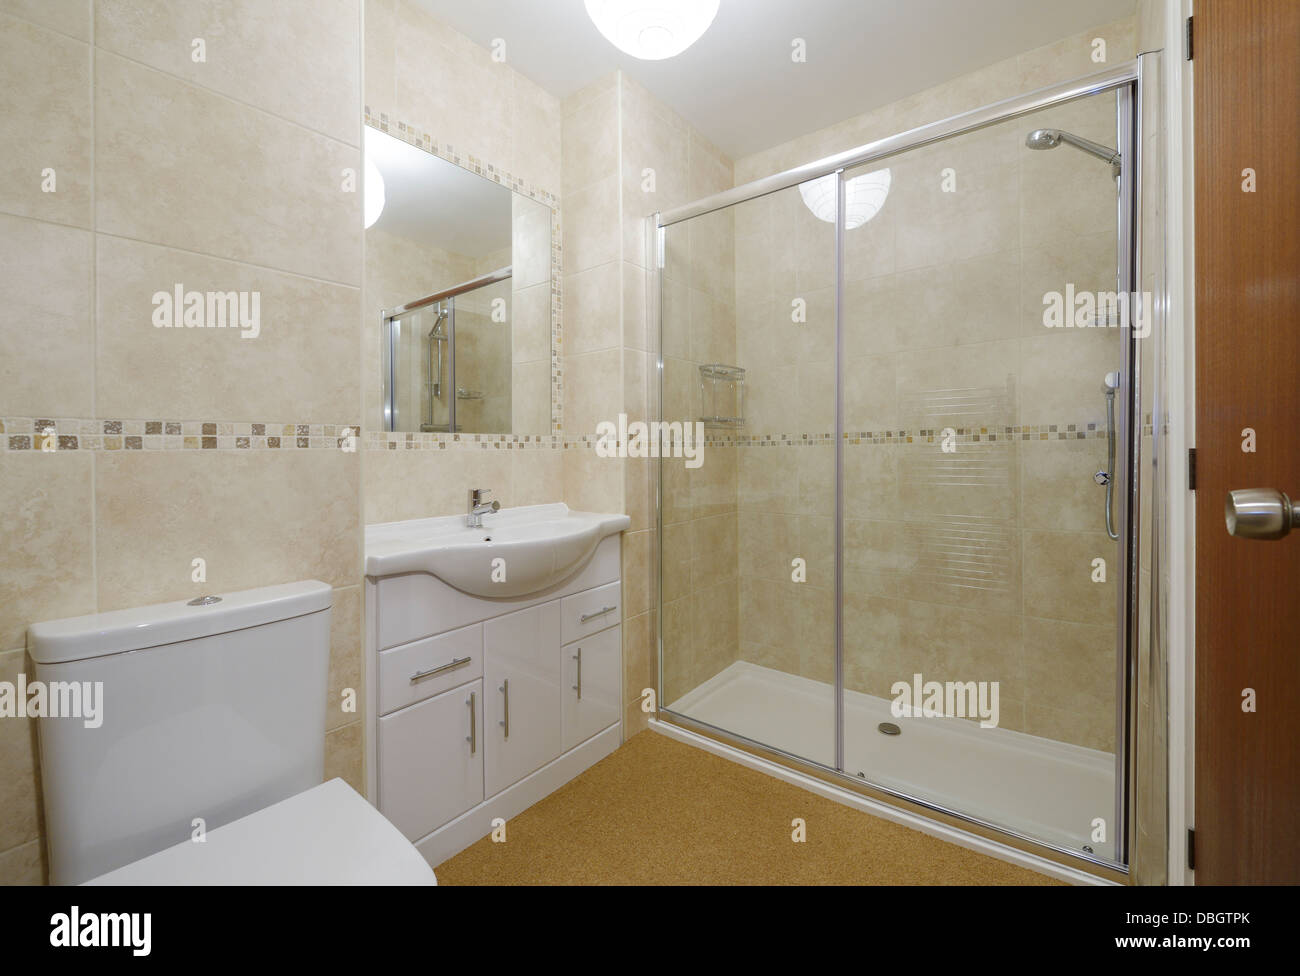 petite salle de bains moderne avec toilettes lavabo et. Black Bedroom Furniture Sets. Home Design Ideas